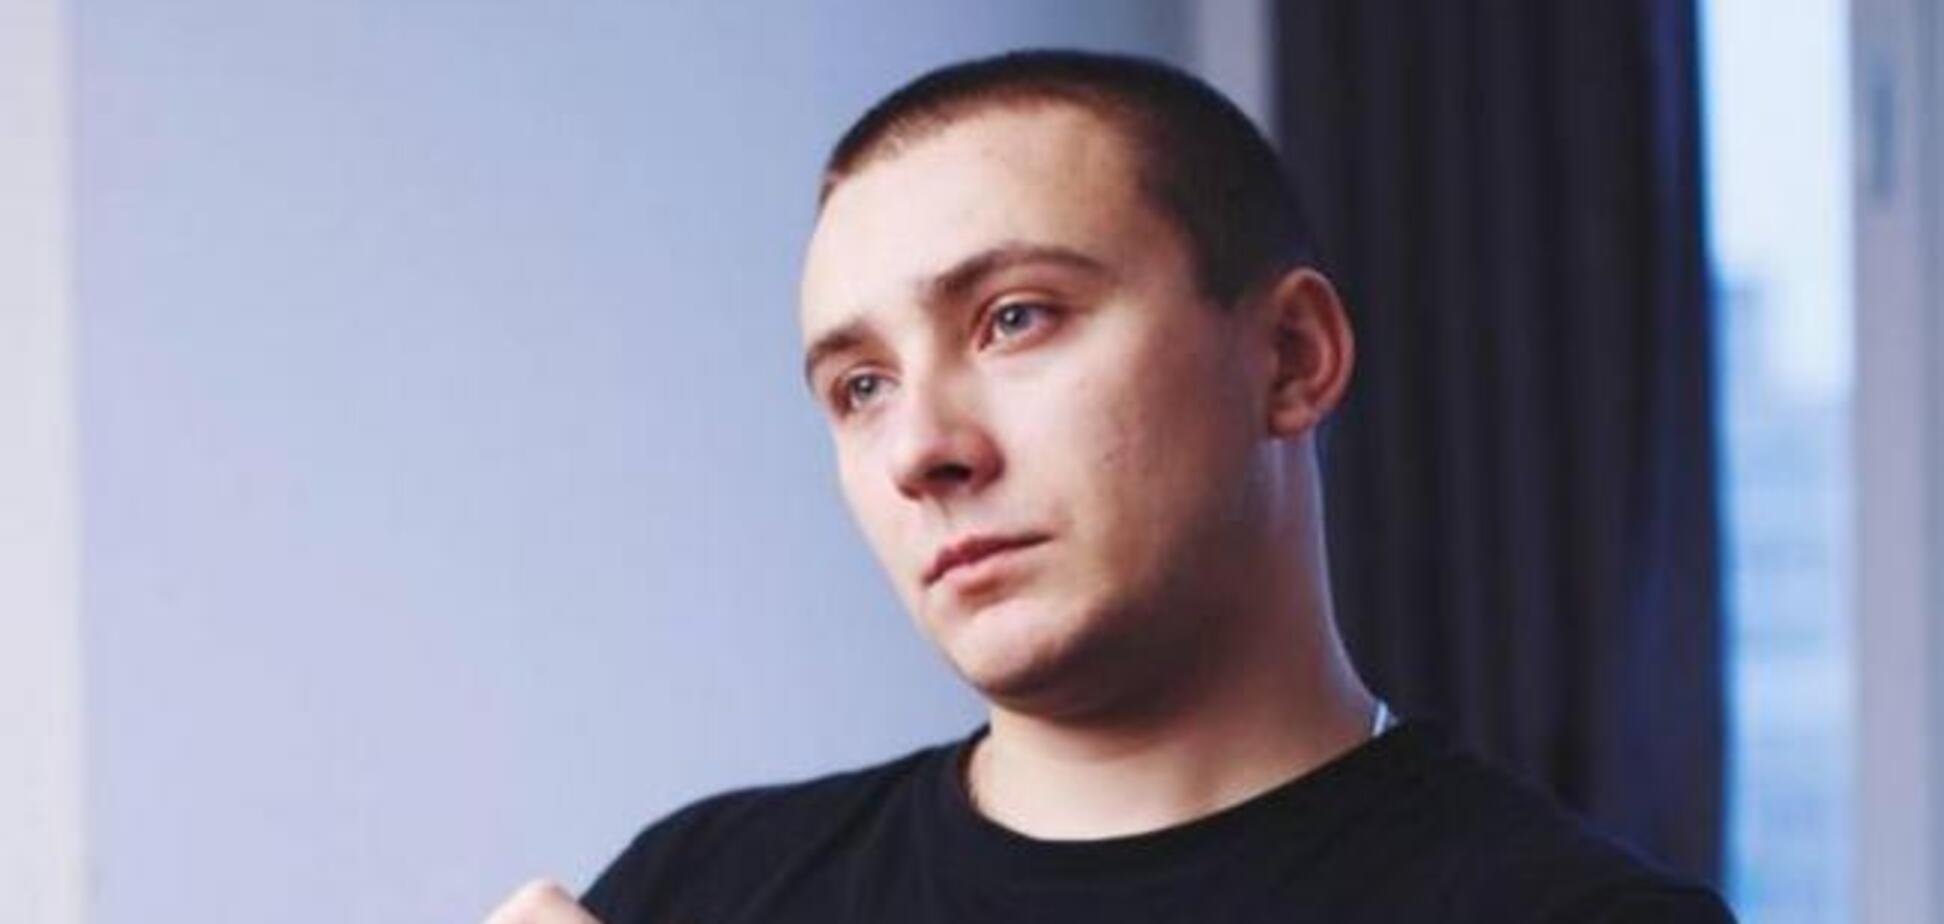 Напад на Стерненка: журналіст вказав, хто за цим стоїть